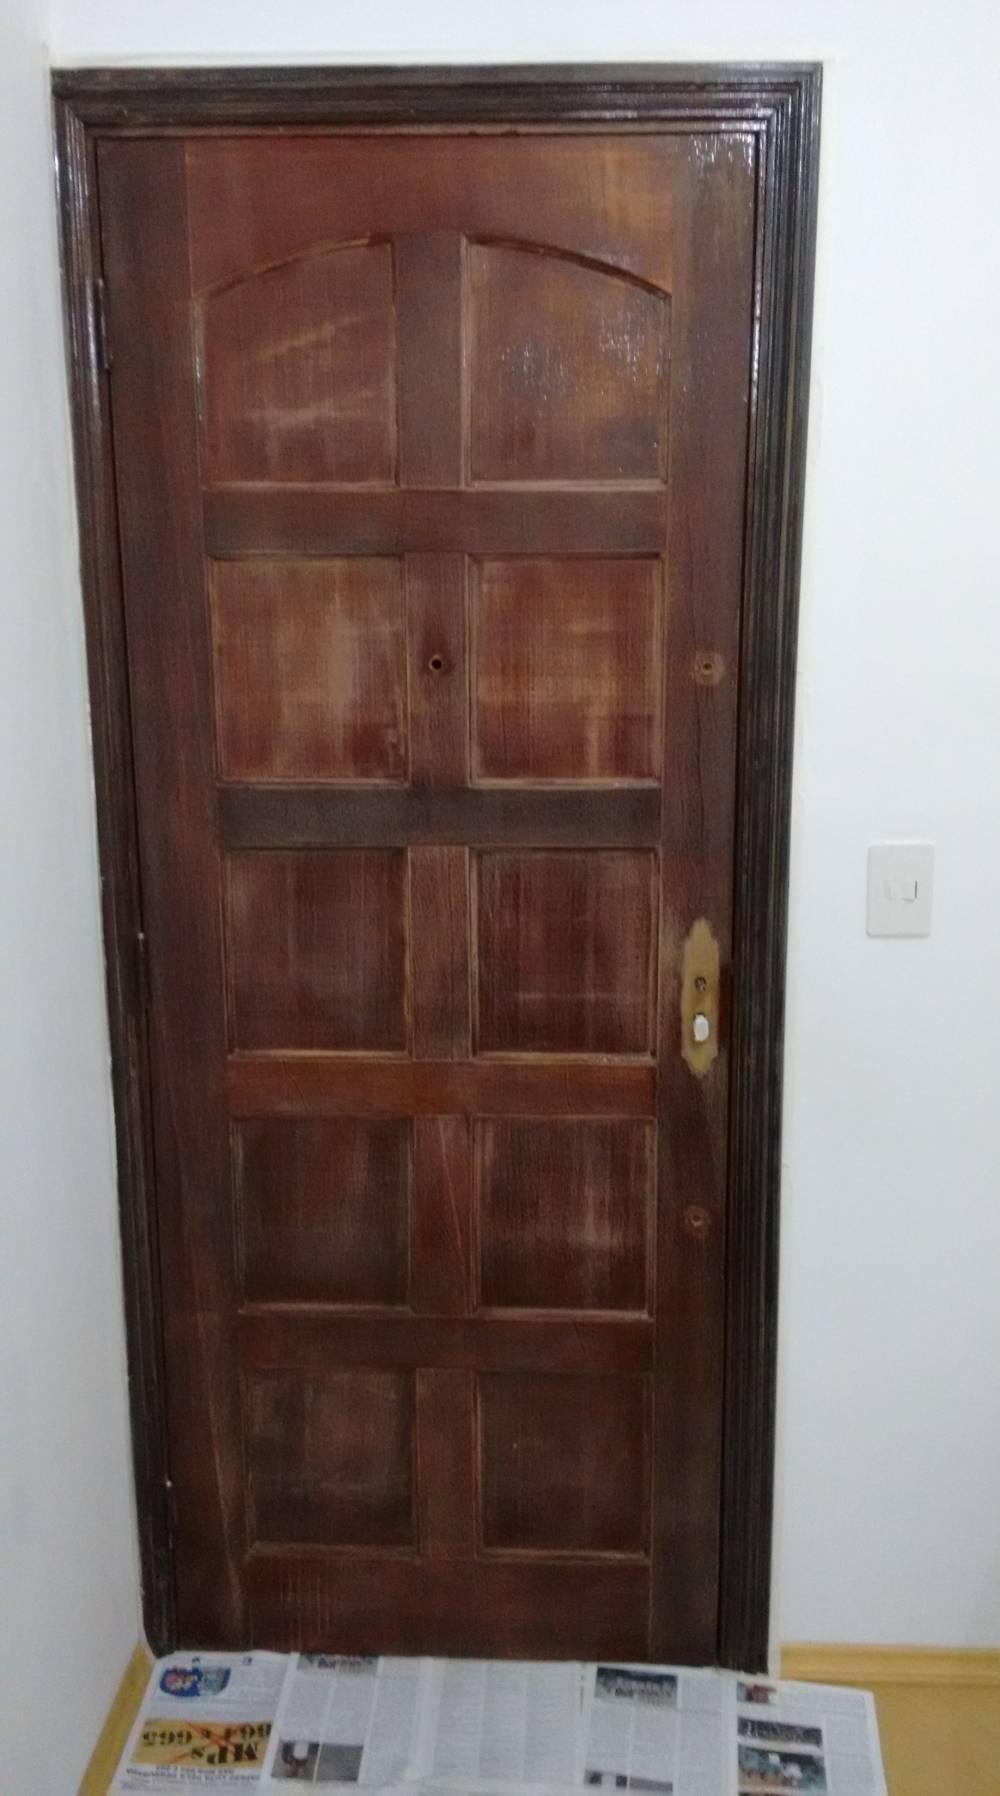 Contratar Quem Faça Reparos Residenciais na Chácara Seis de Outubro - Empresa de Reparos Residenciais